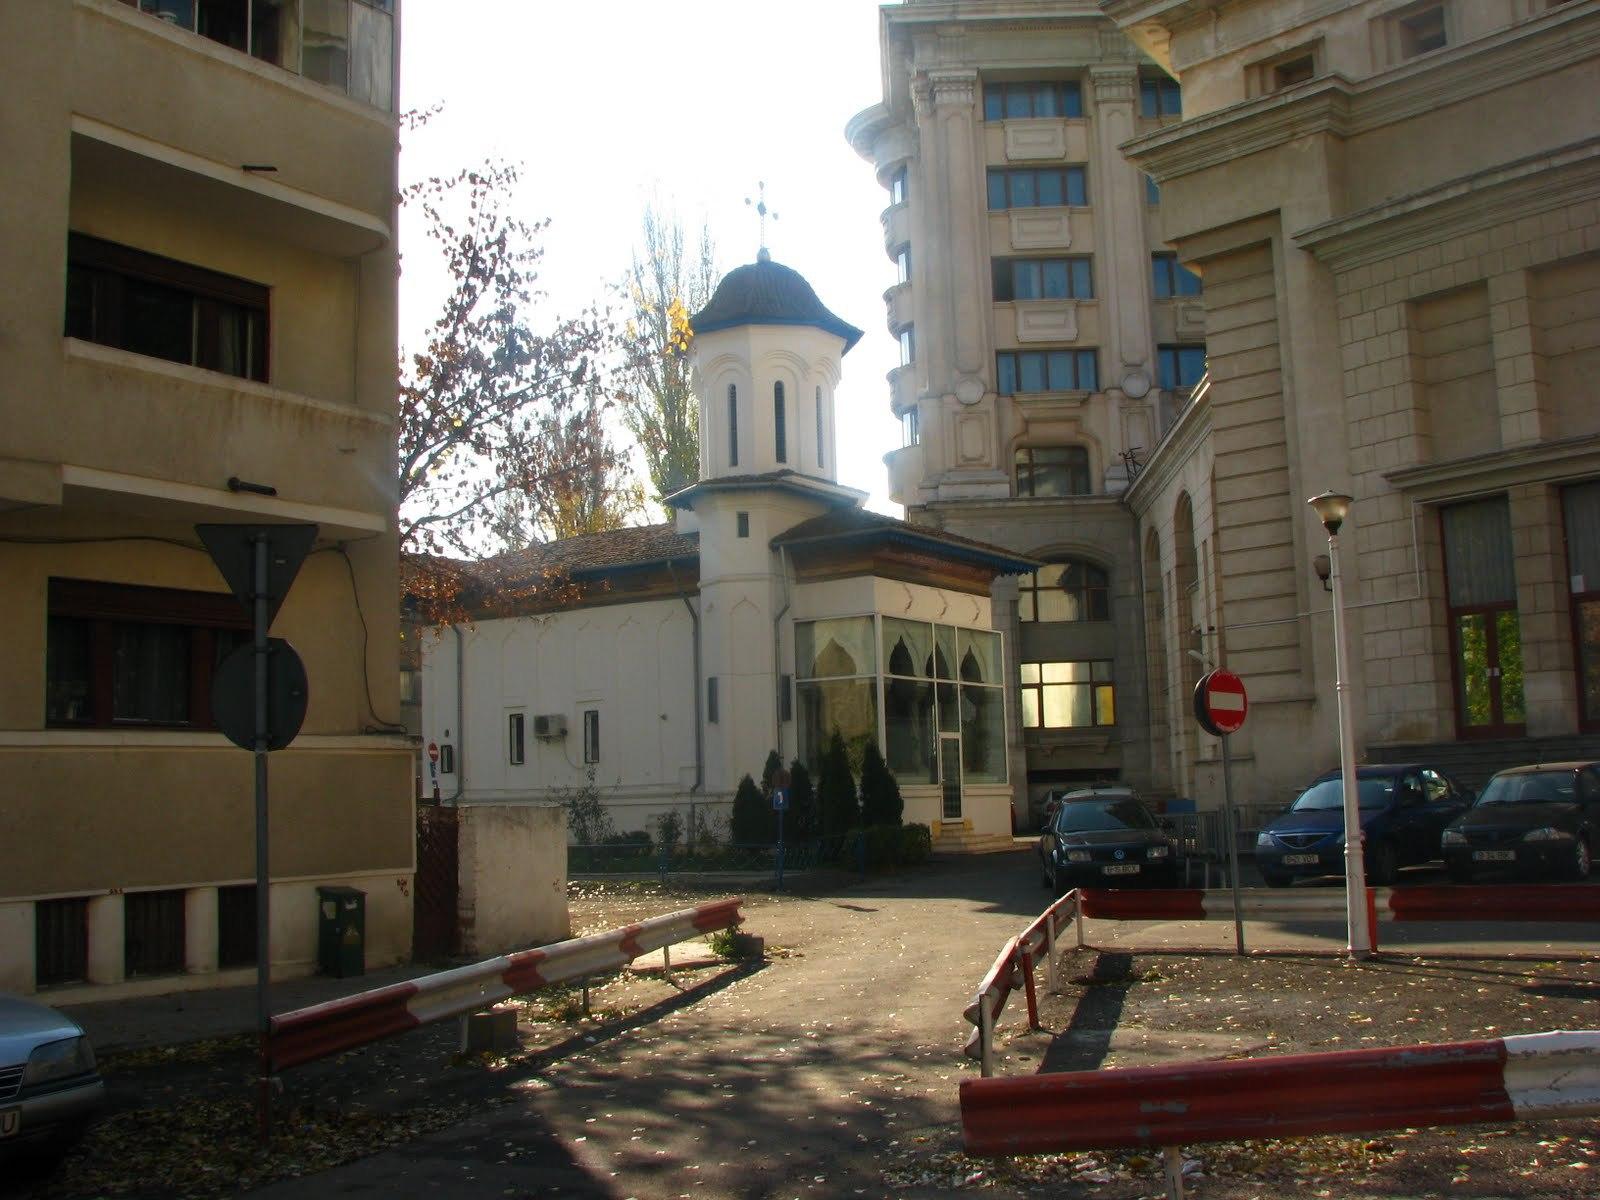 Noul amplasament al bisericii Schitul Maicilor, ascunsă printre blocuri